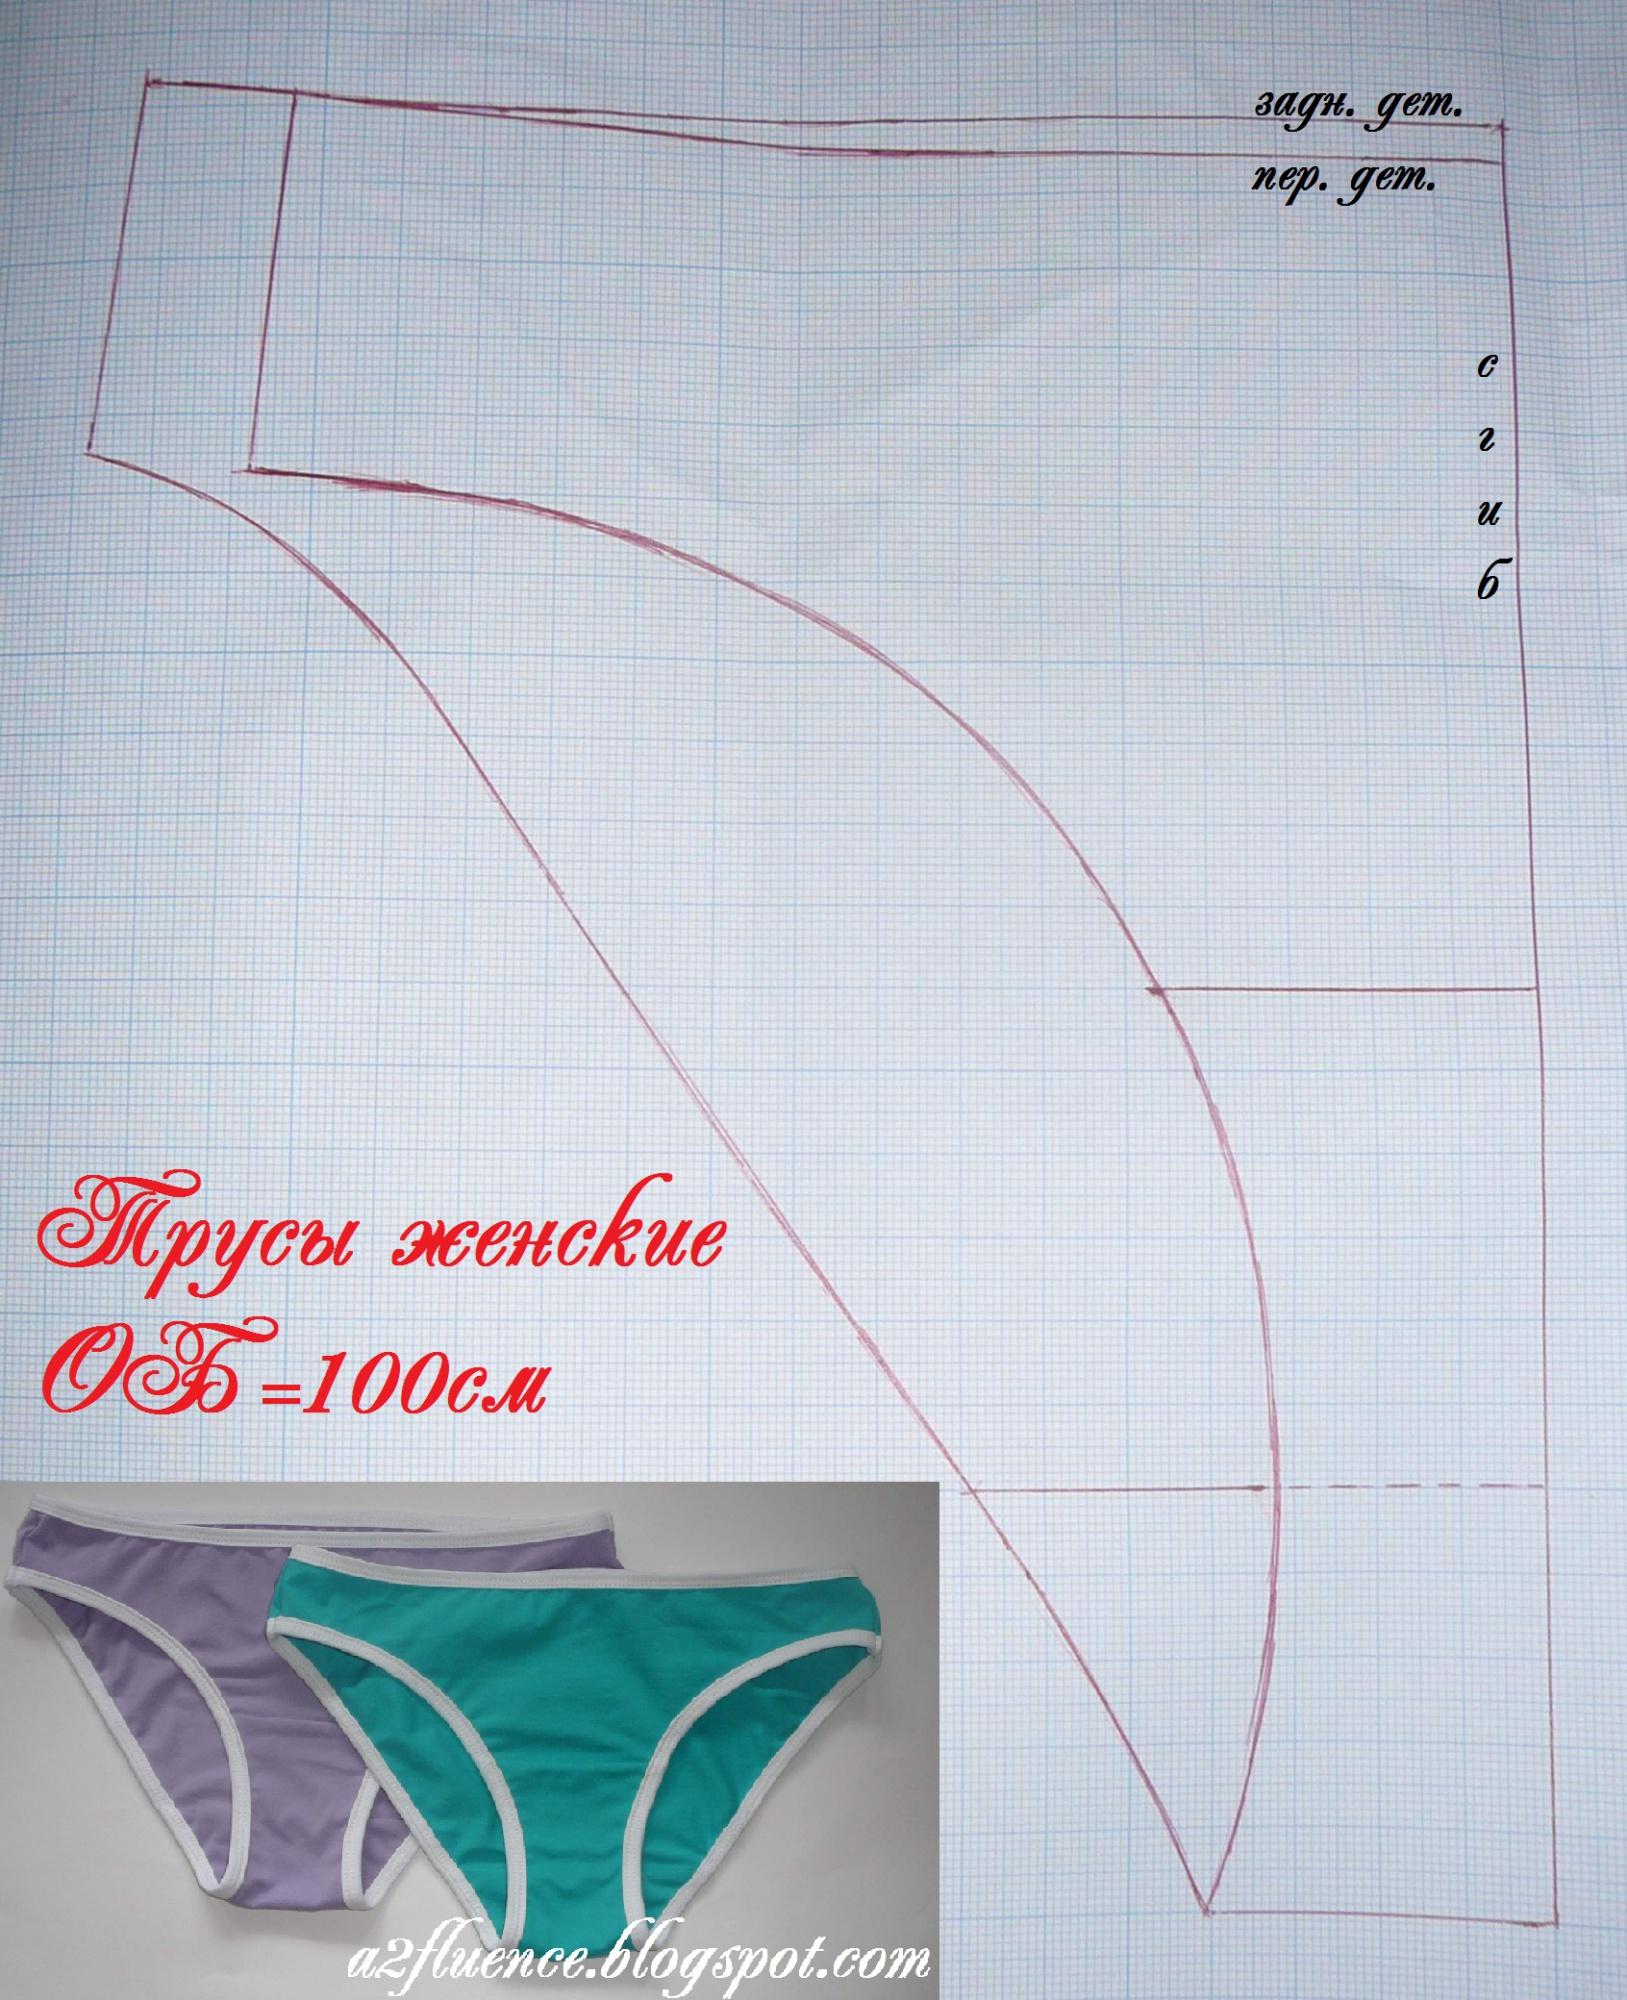 Женское нижнее белье: выкройка и мастер класс по шитью 14